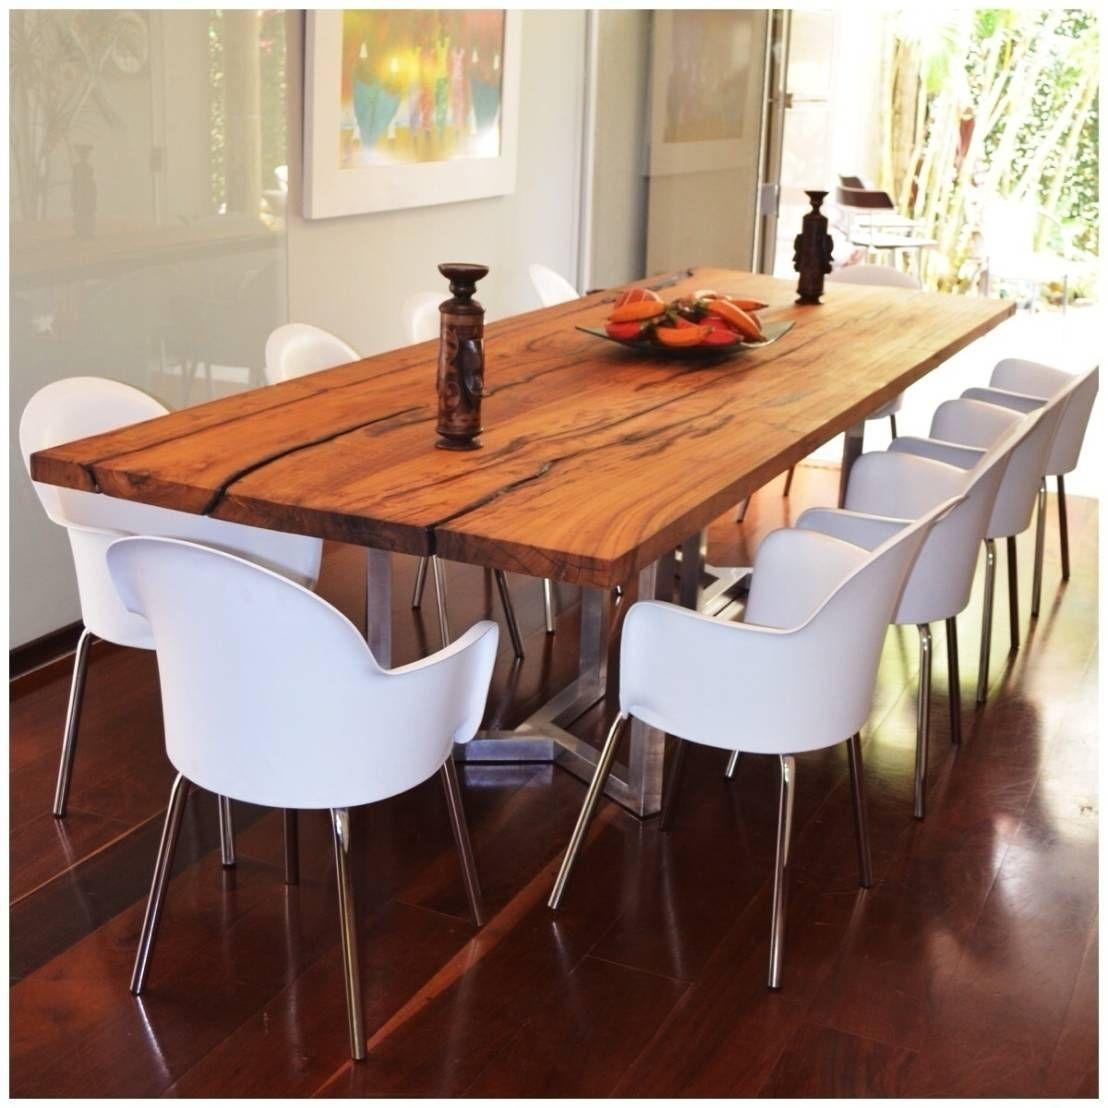 Mesas de jantar r sticas e charmosas oliveira for Imagenes de mesas rusticas